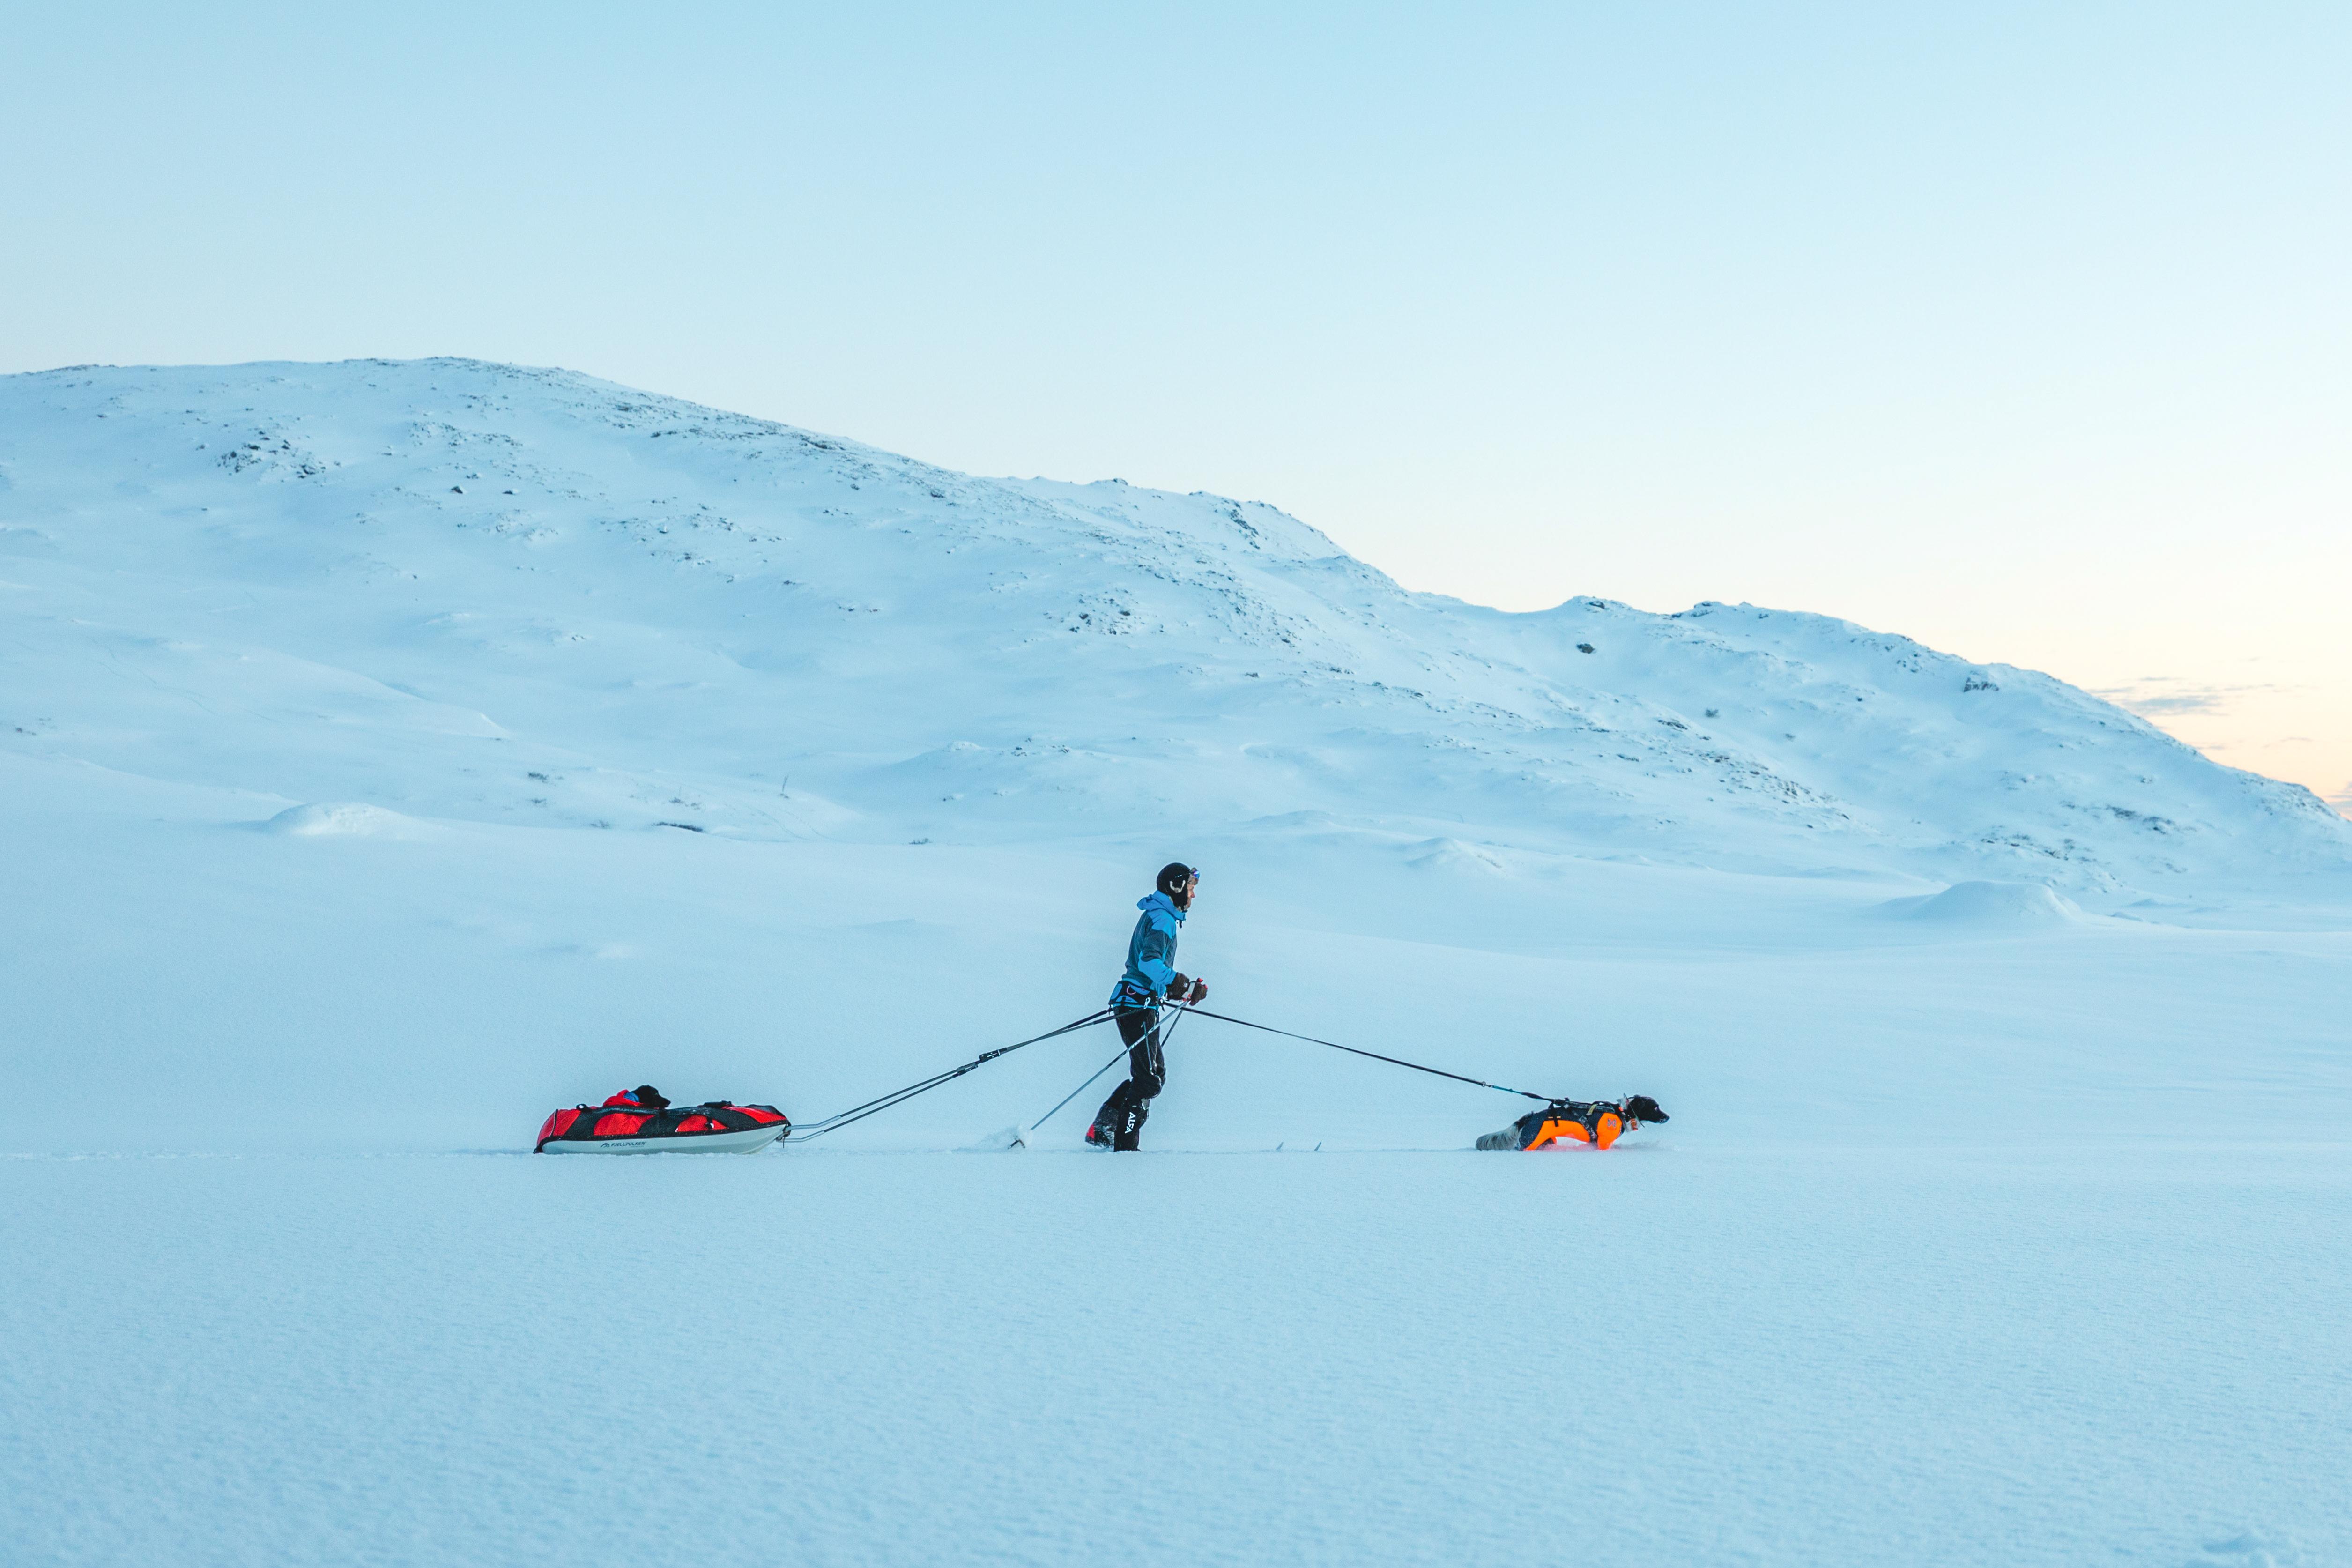 Polar, Ferd & Protector Snow 13 3